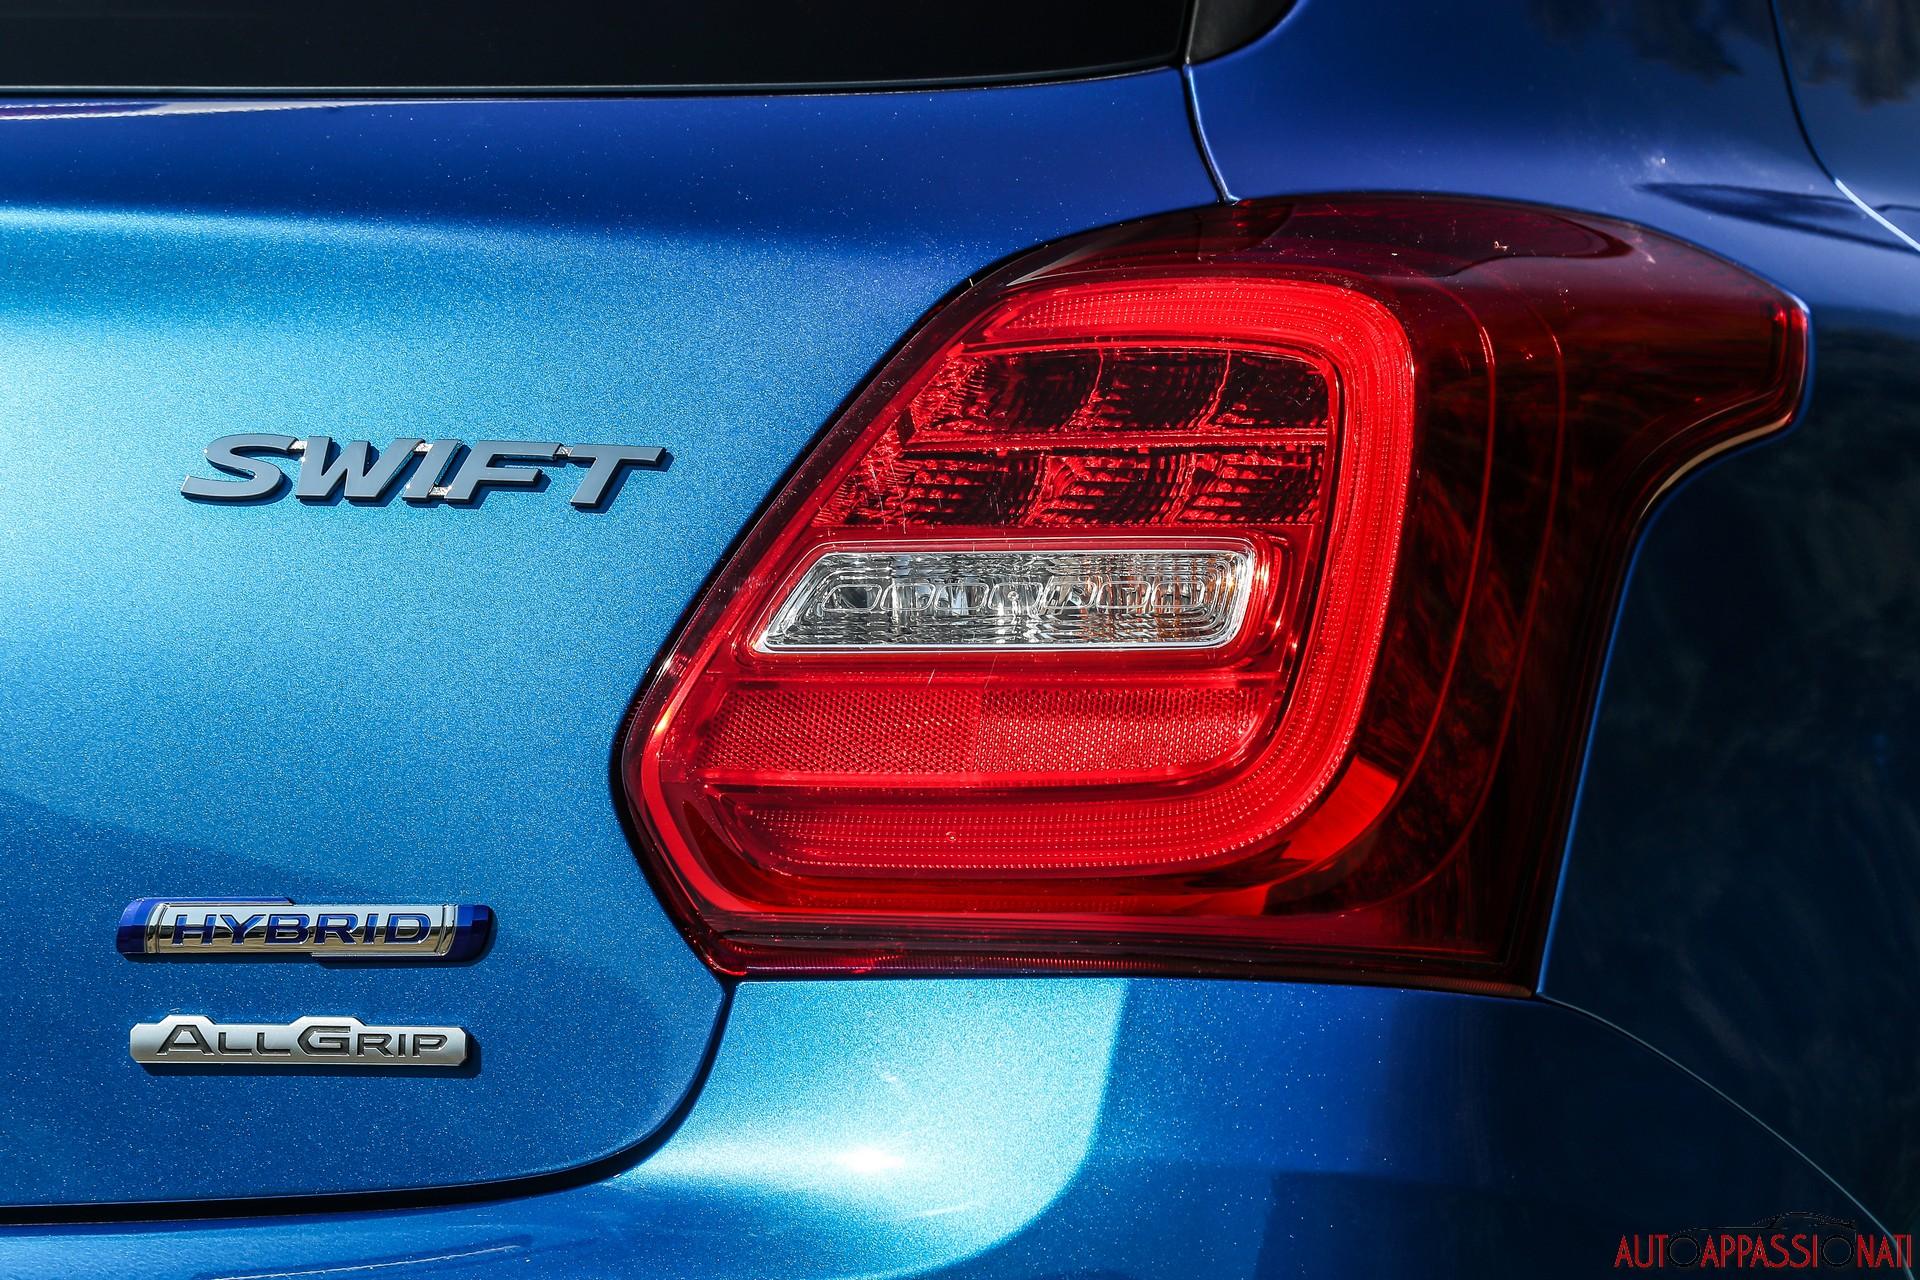 Suzuki Swift 4x4 Hybrid